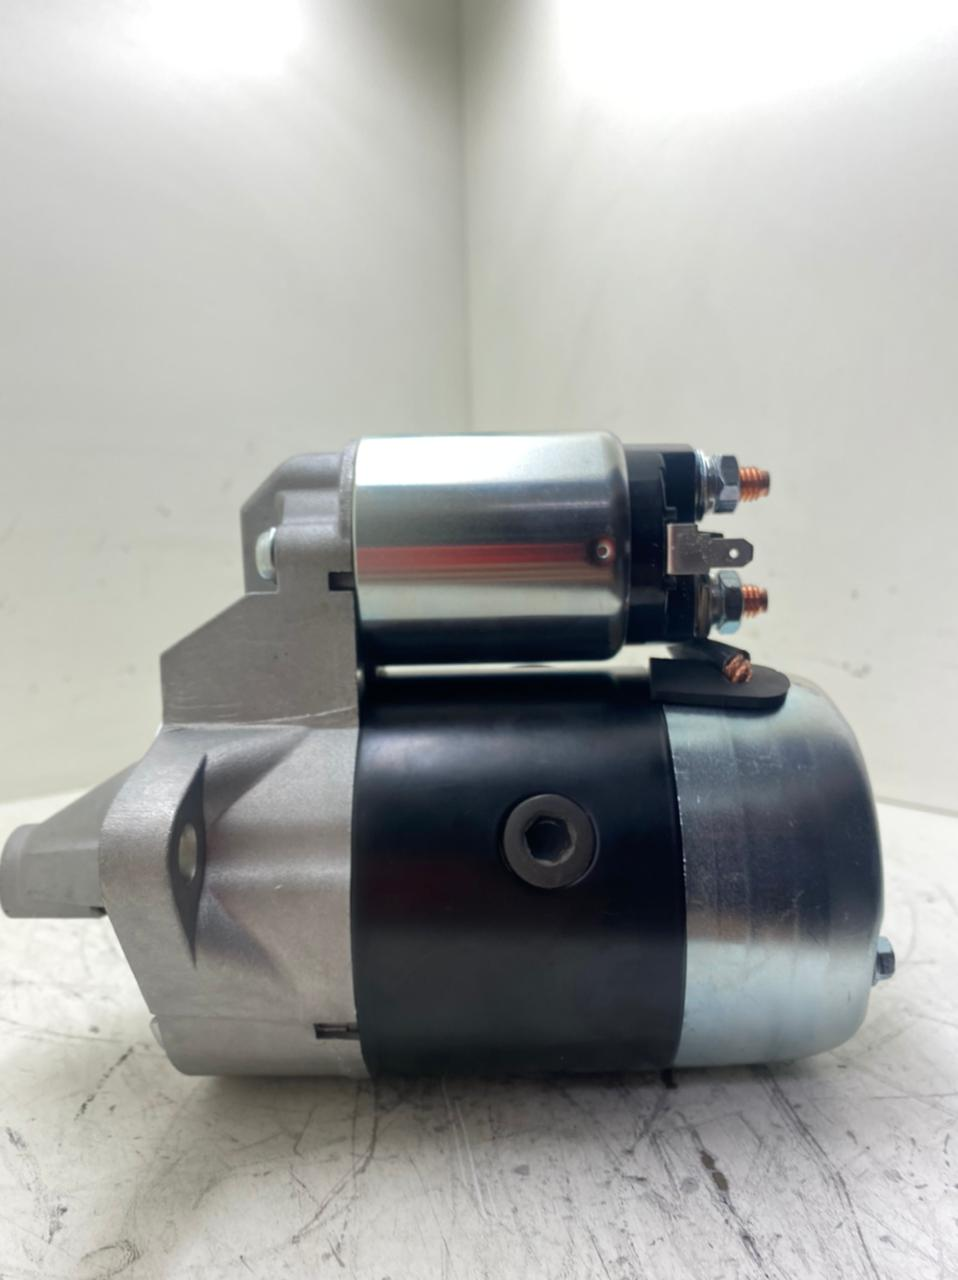 Motor de arranque EMPILHADEIRA Nissan TCM Komatsu MITSUBISHI 12V 8 DENTES M3T25181 M3T21881 0986012931 2330000H10 DRS2932 LRS00396 455910 E 20663 D 20235 SL S0320 AEC17006